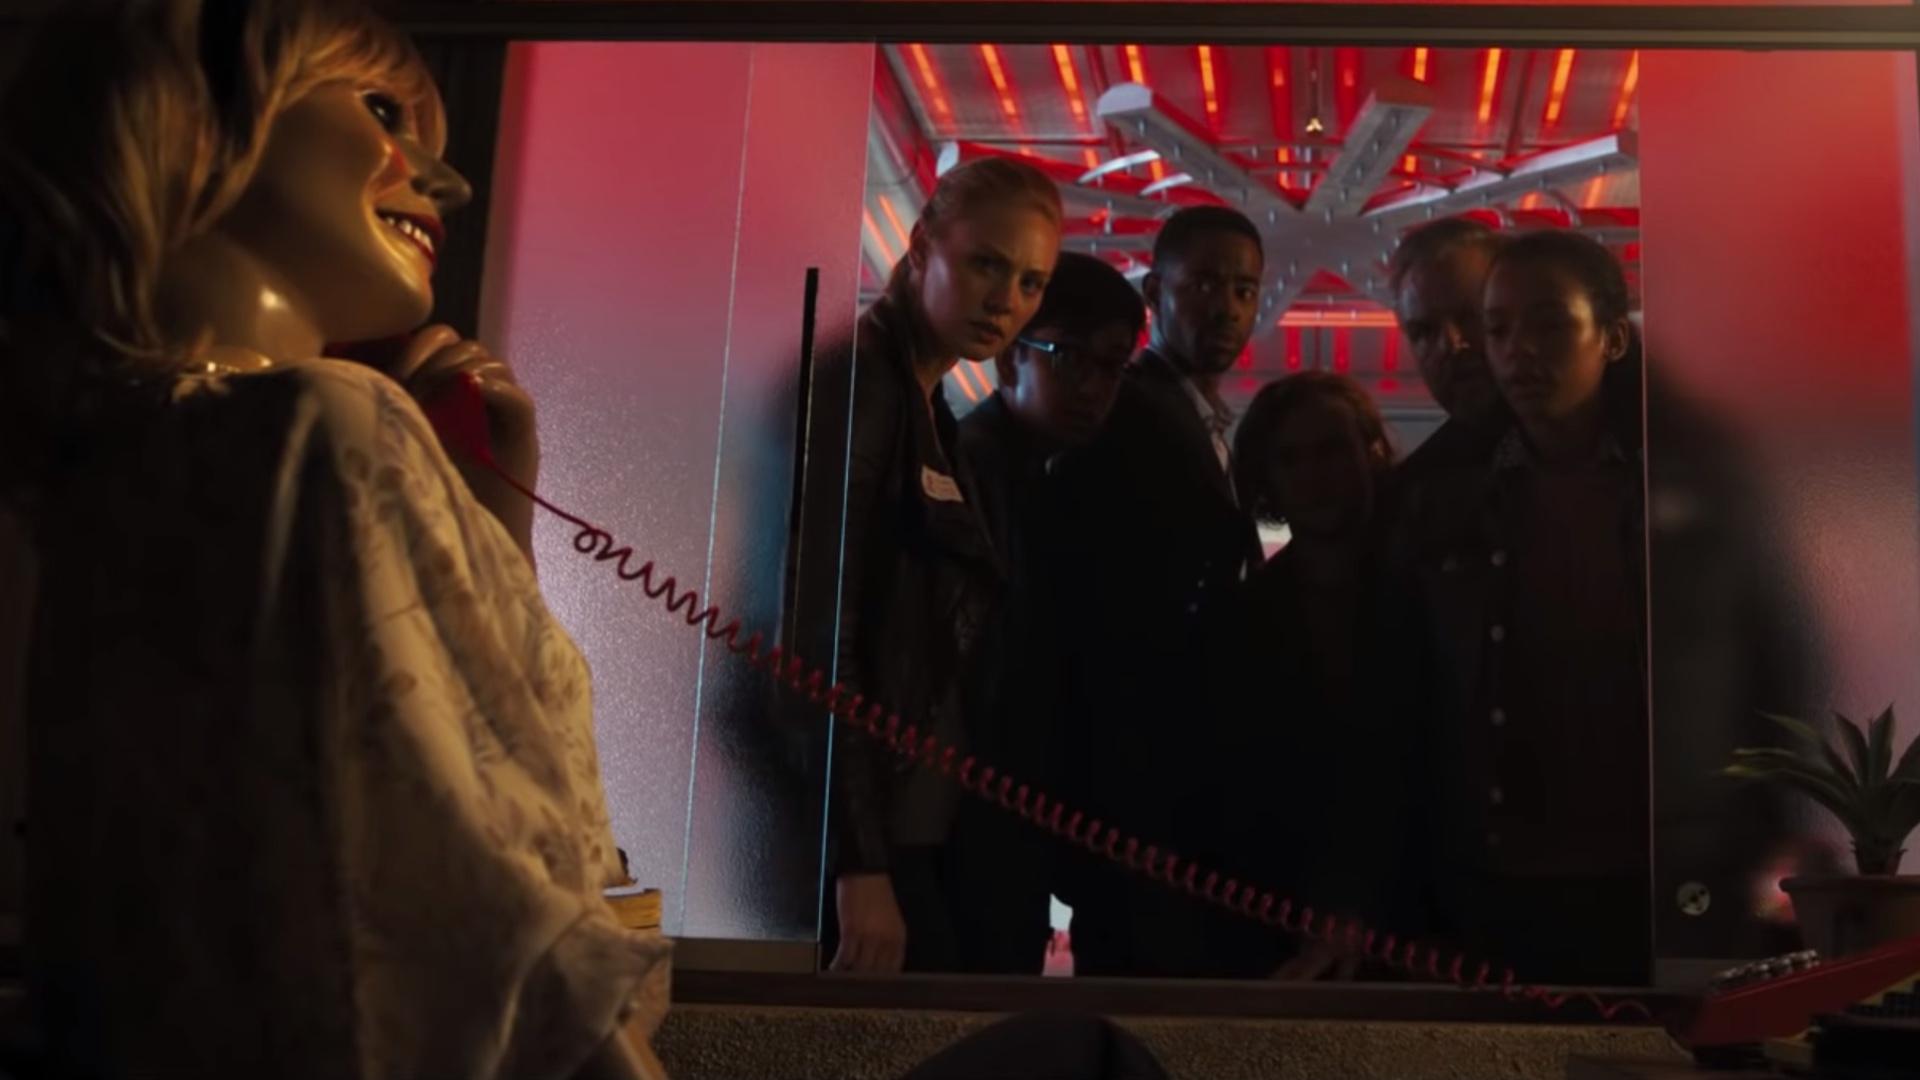 低成本恐怖片又立功  北美票房冠軍《密弒遊戲》奪魂鋸機關密室你敢玩嗎?首圖